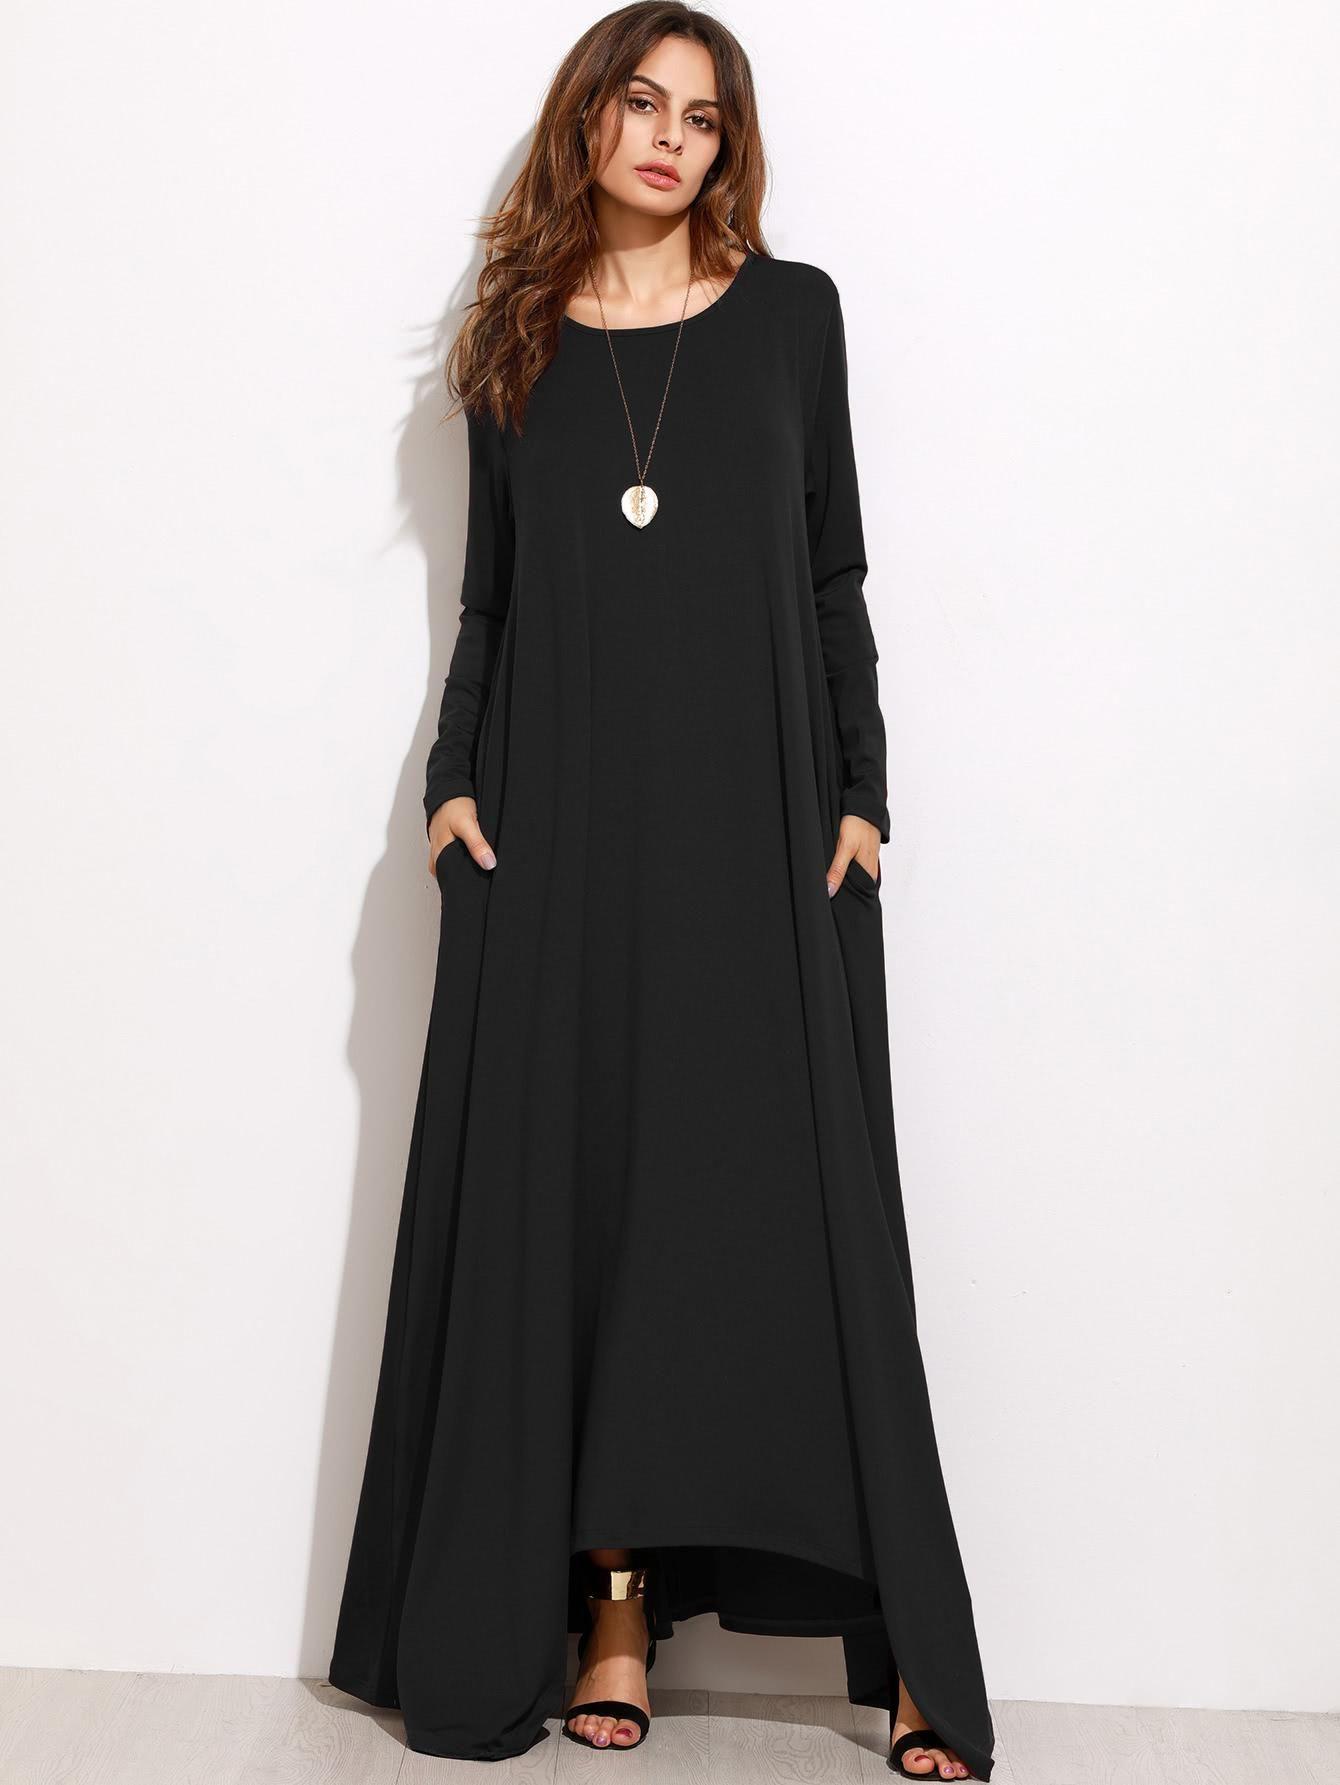 Romwe romwe shift full length dress adorewe romwe